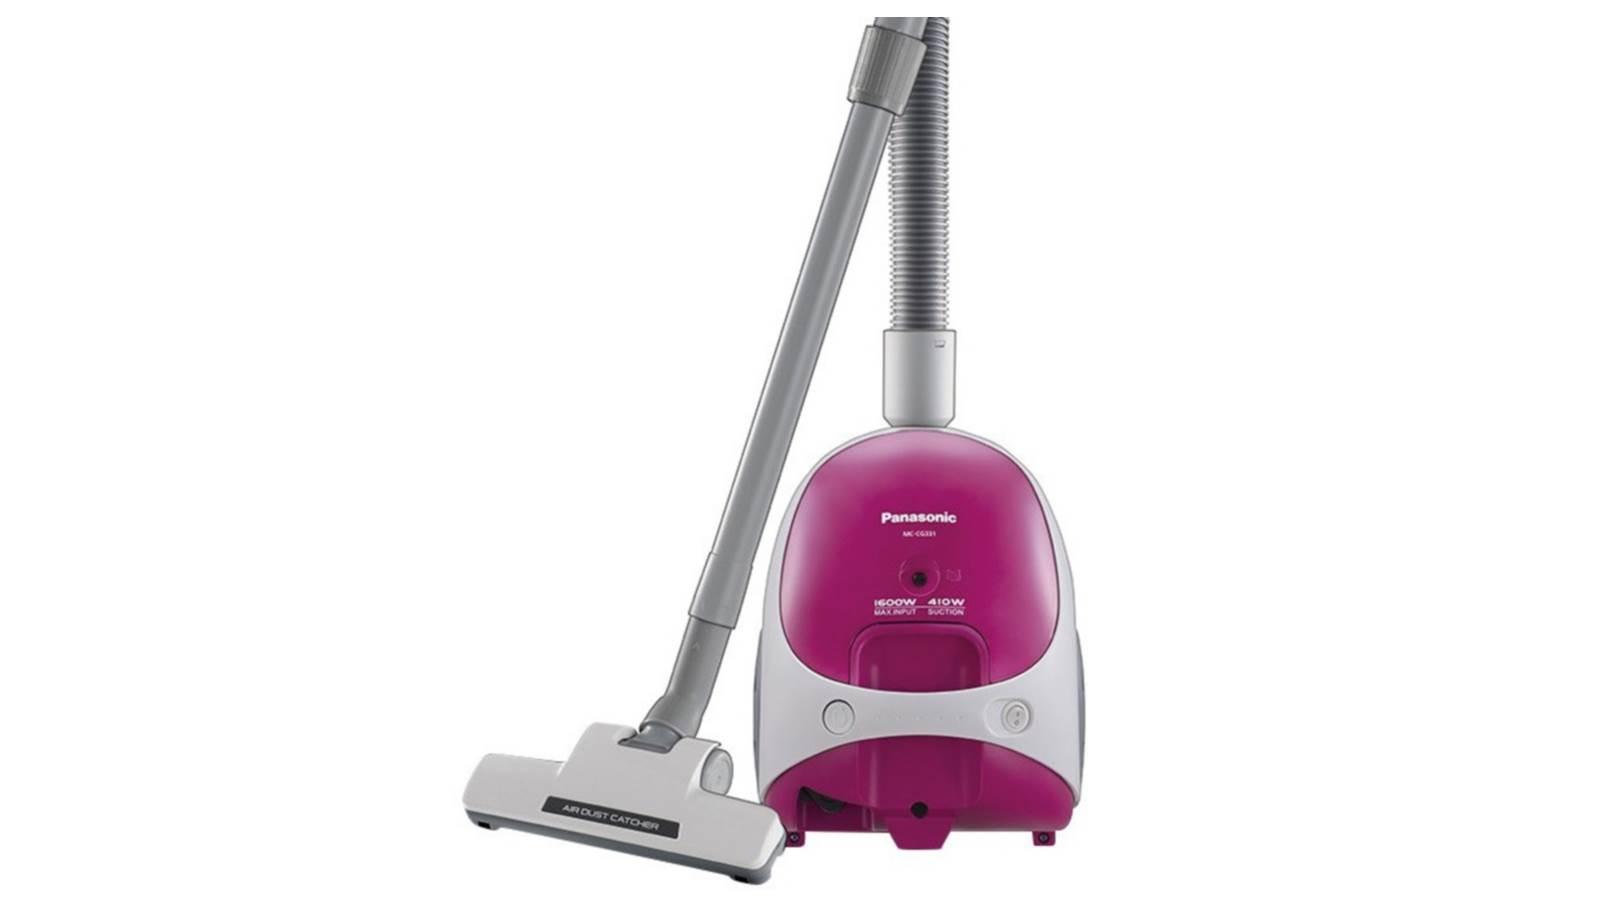 Panasonic Mc Cg331 Vacuum Cleaner Price In Bangladesh